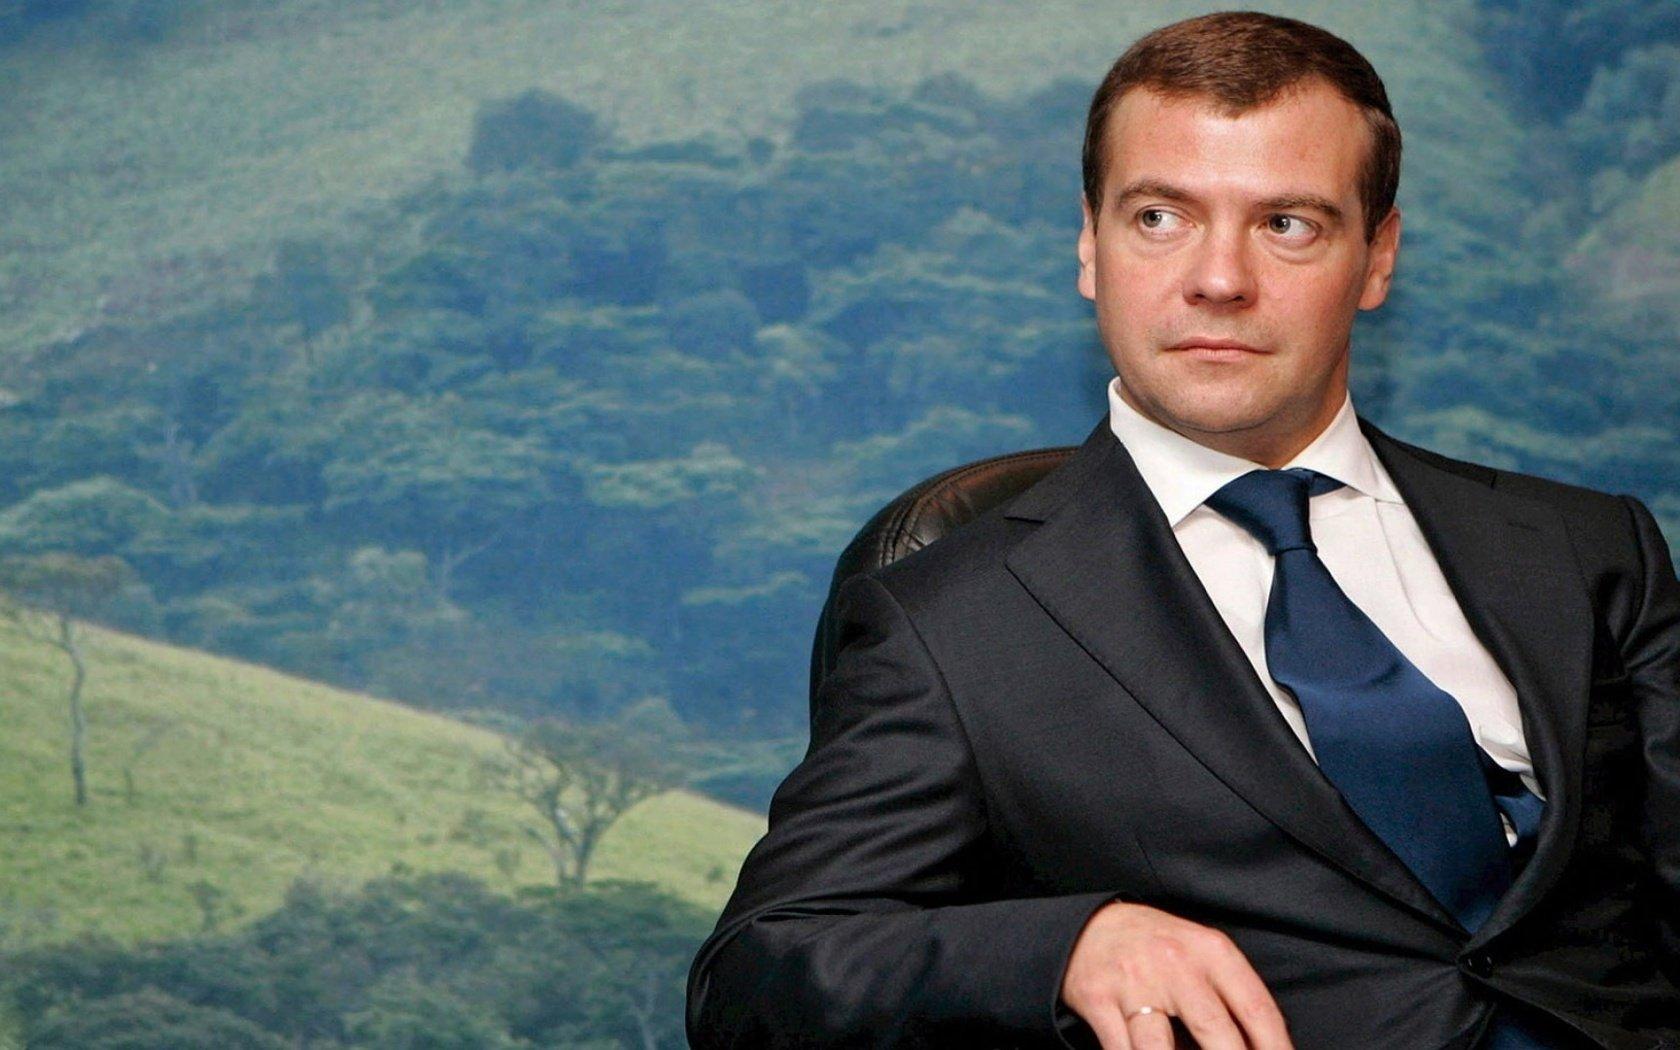 Владения дмитрия медведева фото